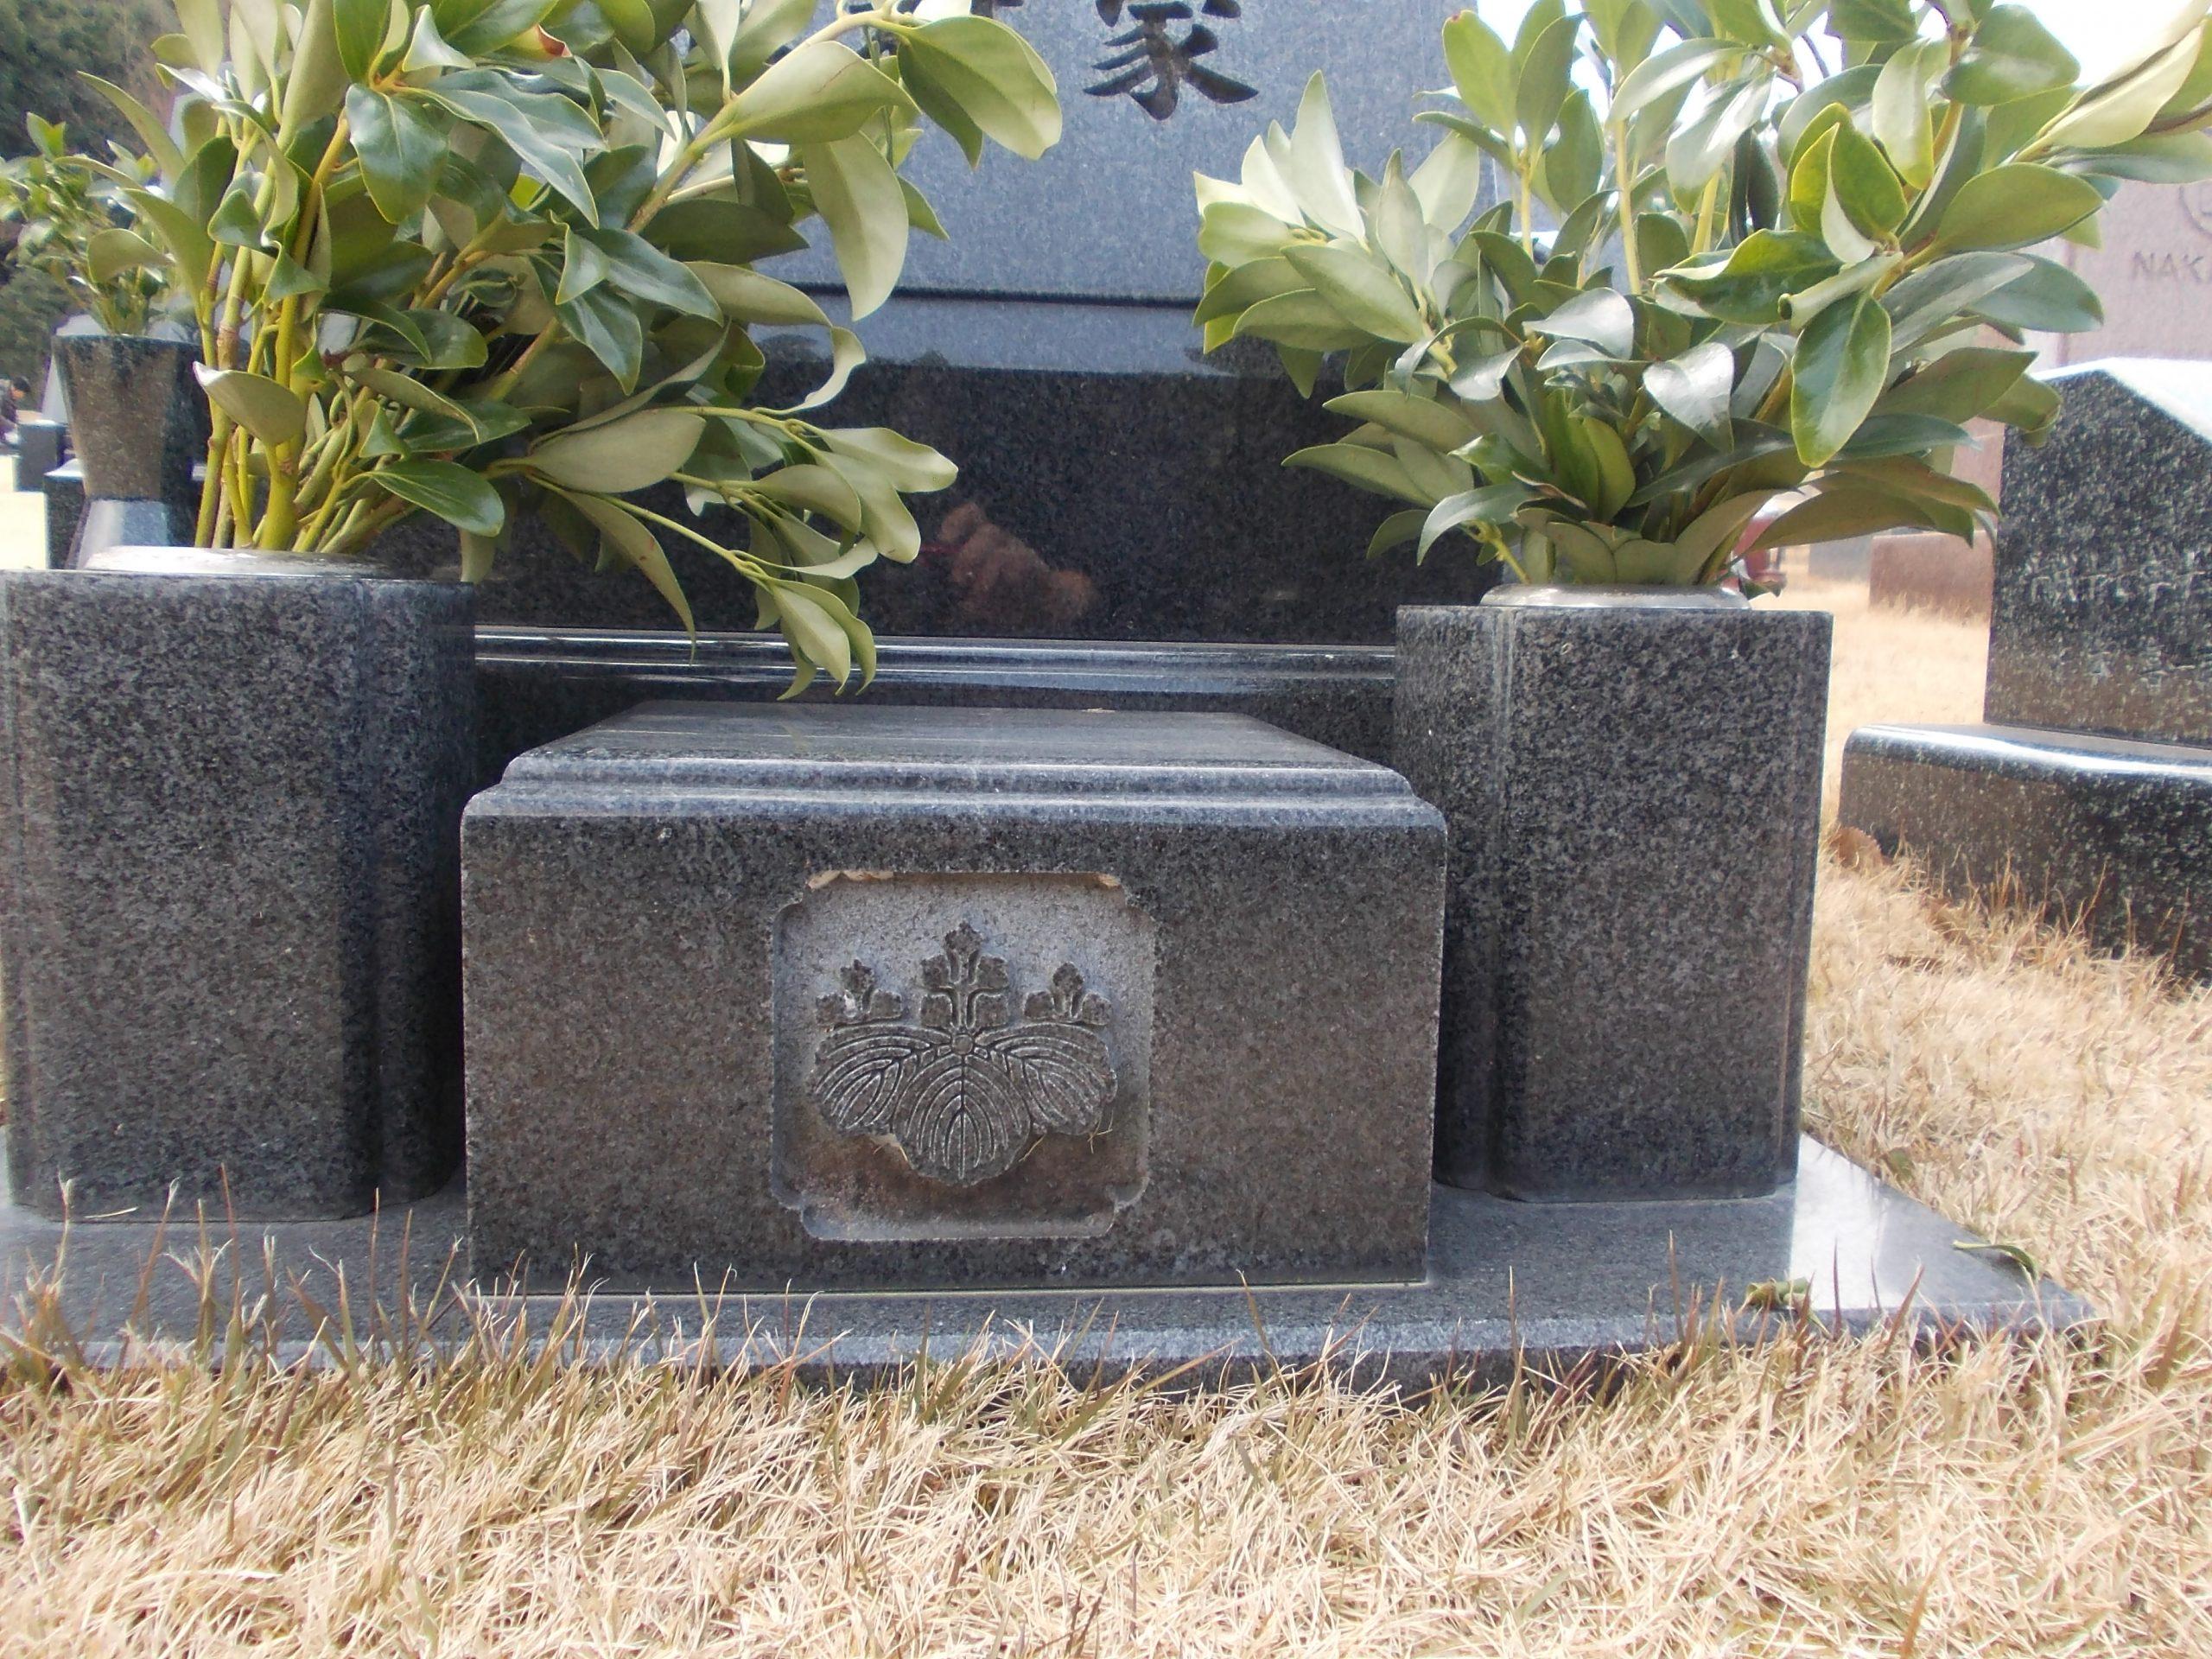 五三桐の家紋をお墓に彫刻:京都天が瀬メモリアル公園